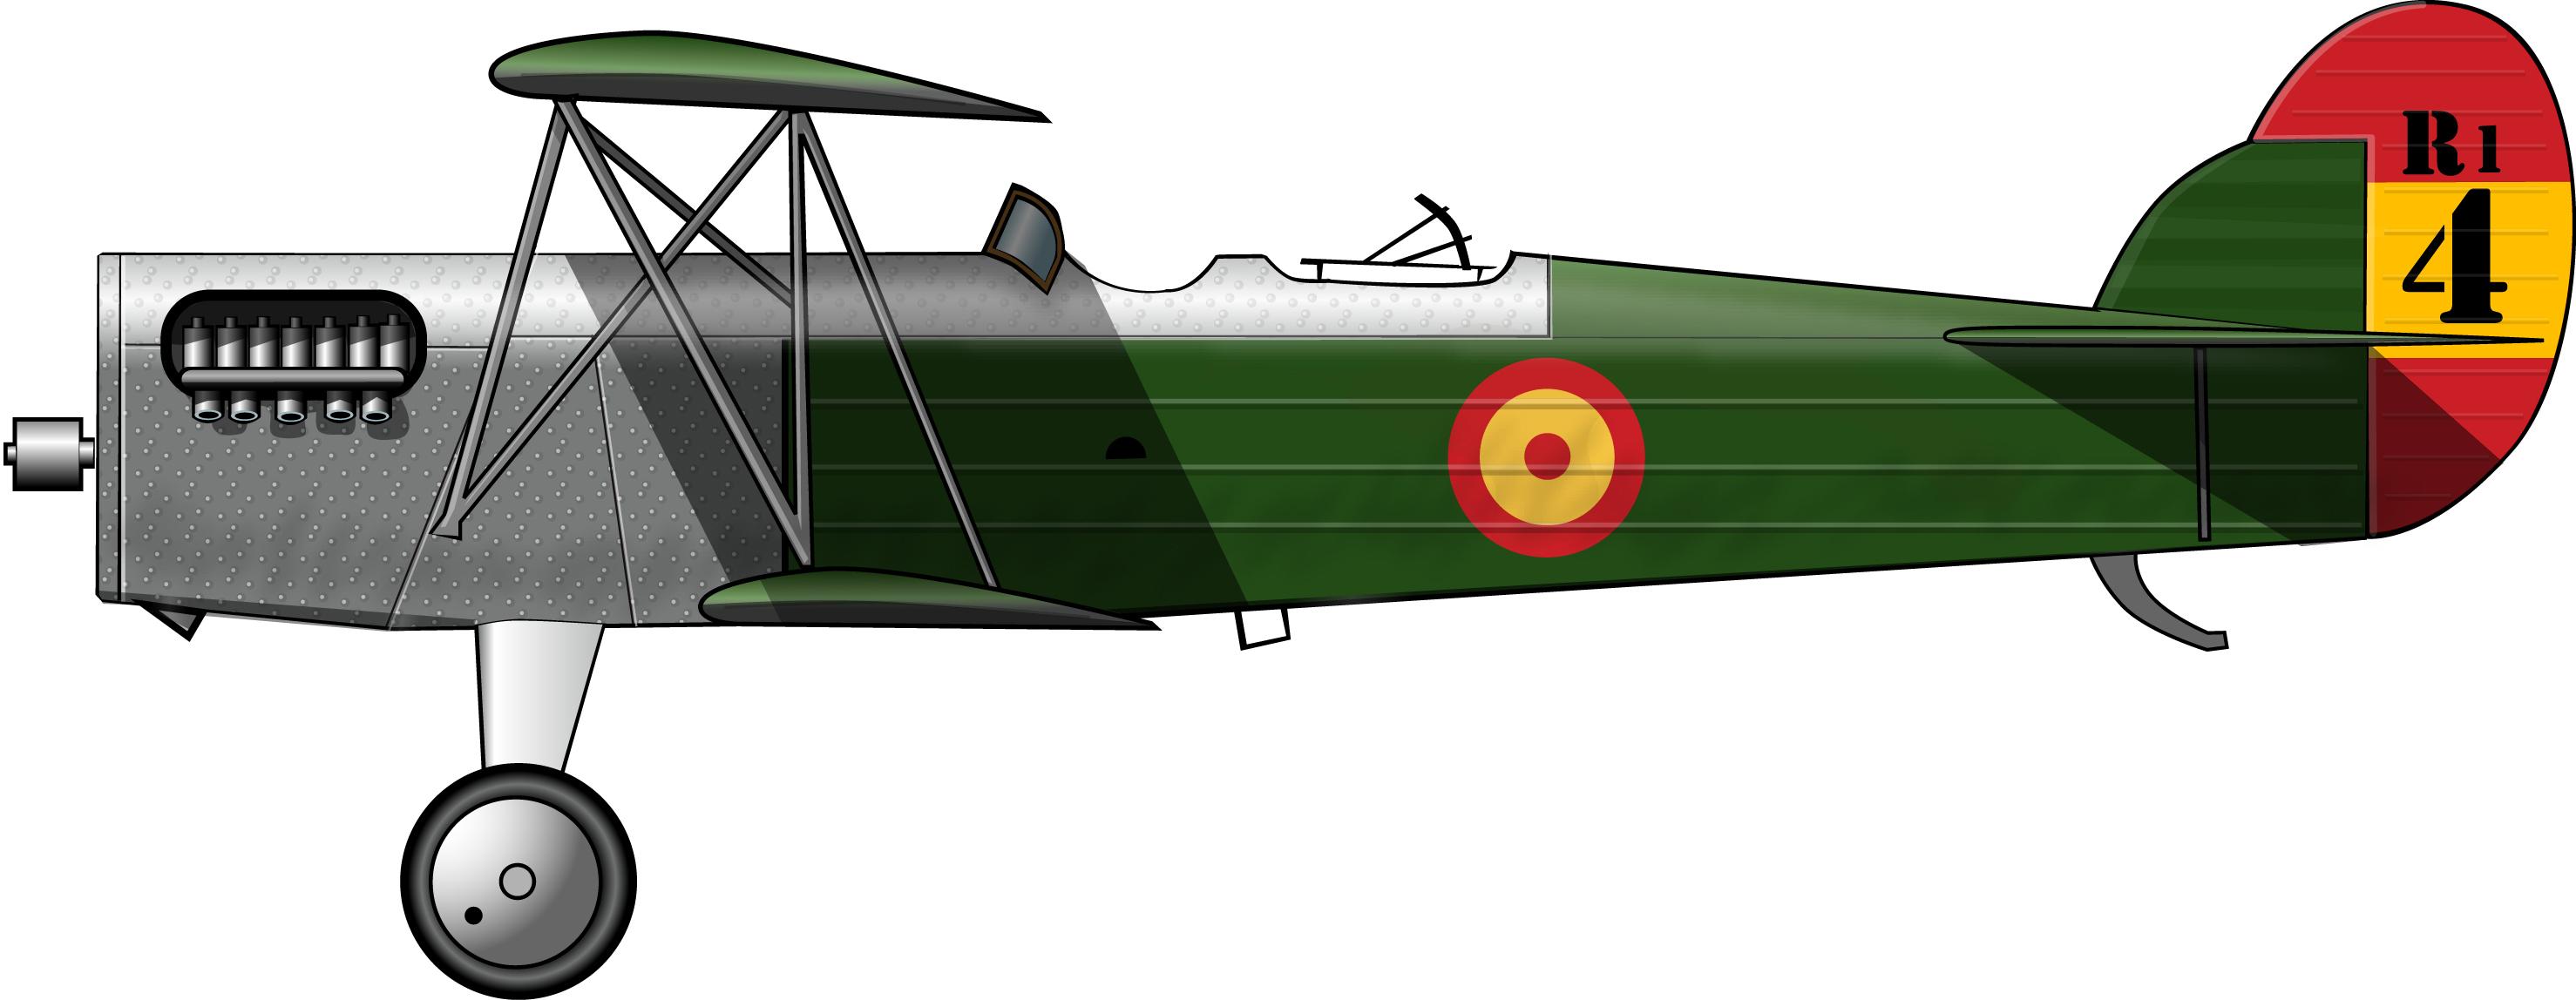 loringr1ame1926